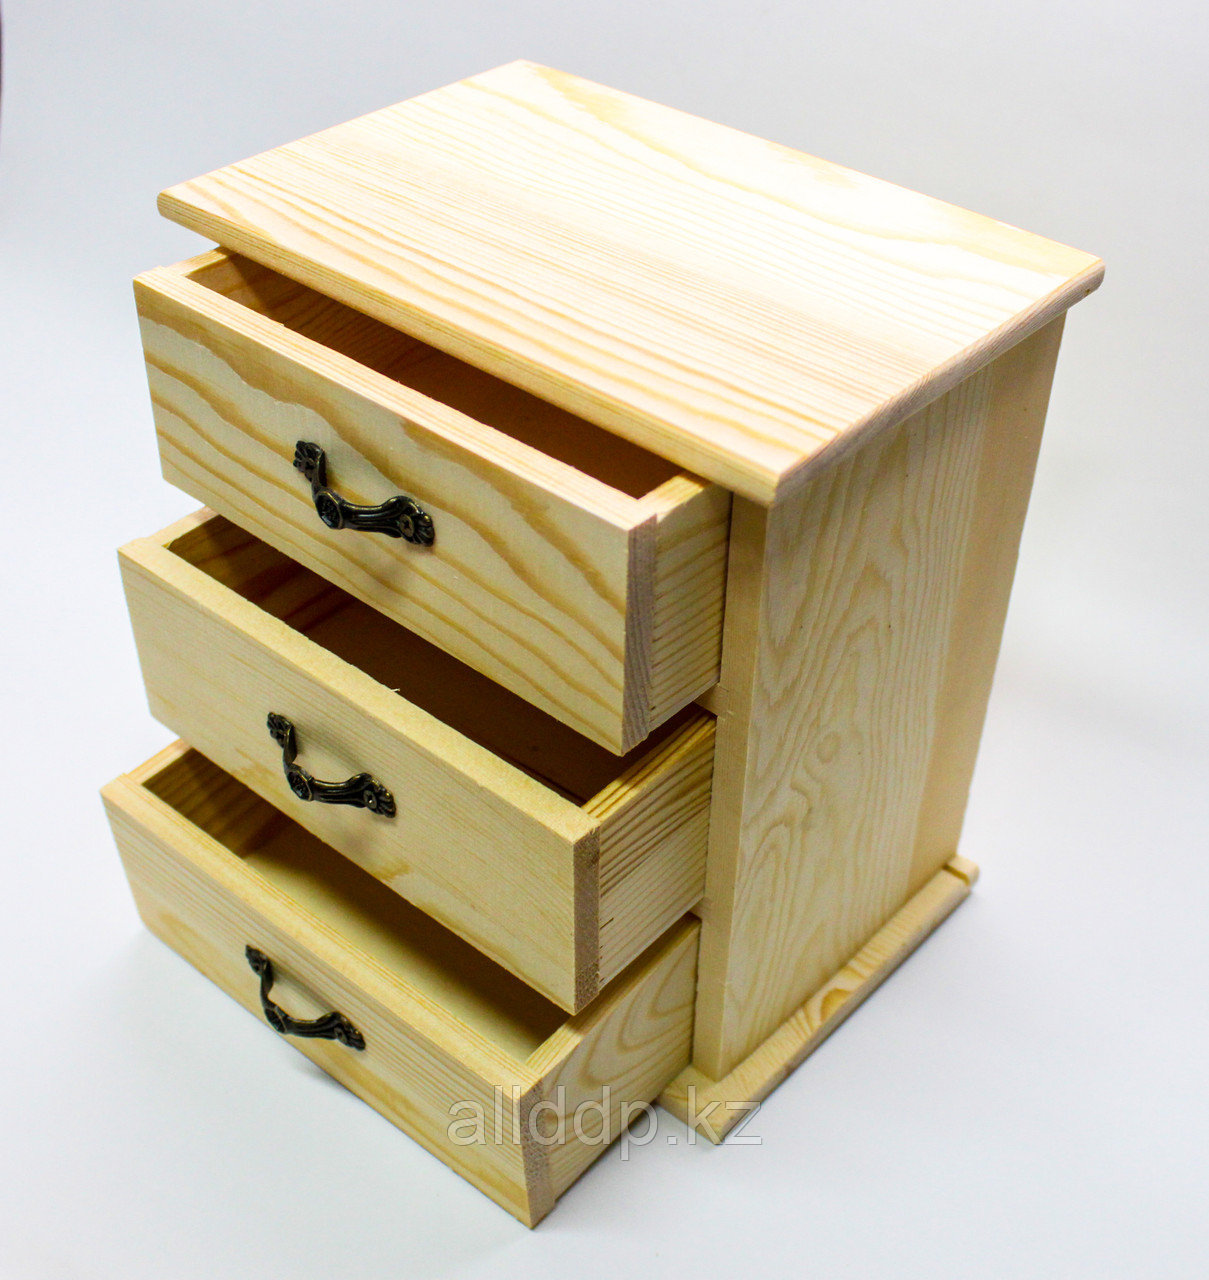 """Заготовка для декора """"Шкатулка-ящик"""", деревянная, 17*16 см"""